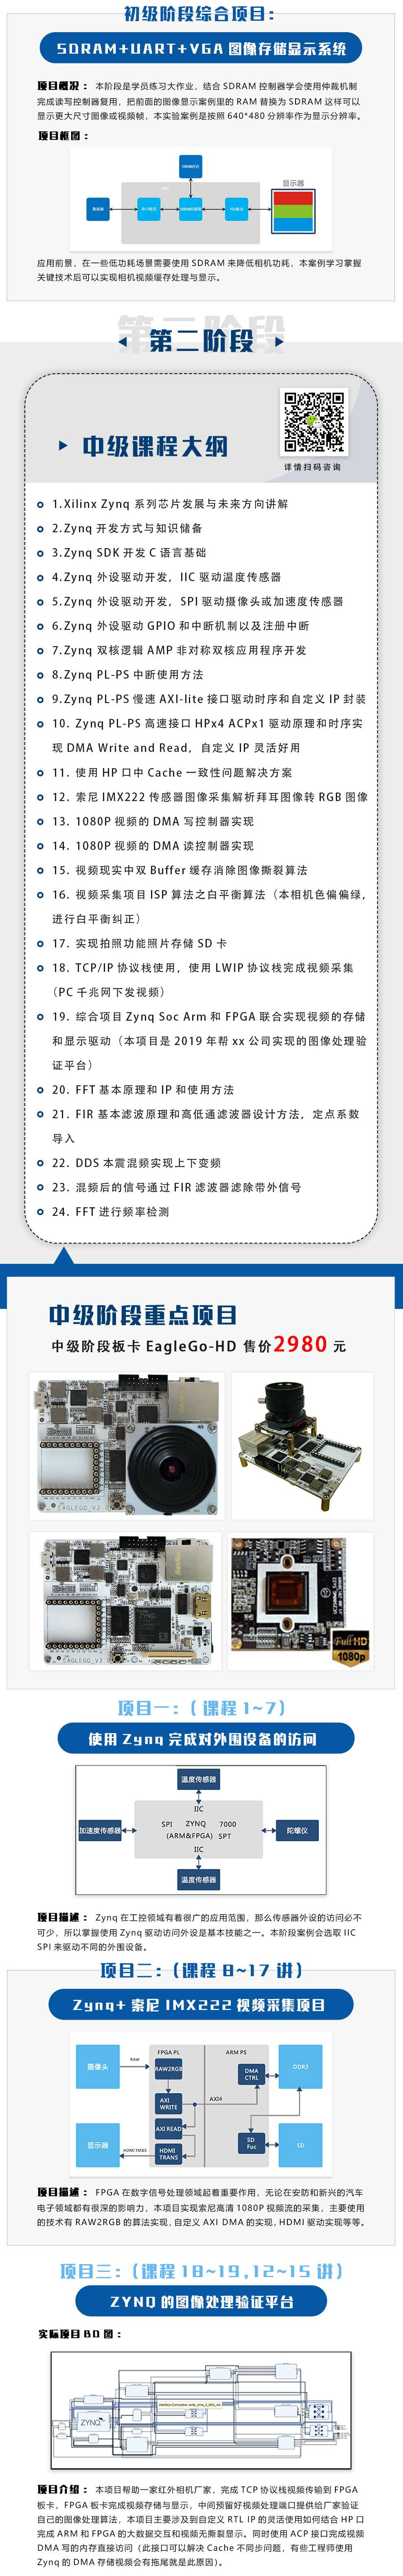 file_1562816331213.jpg